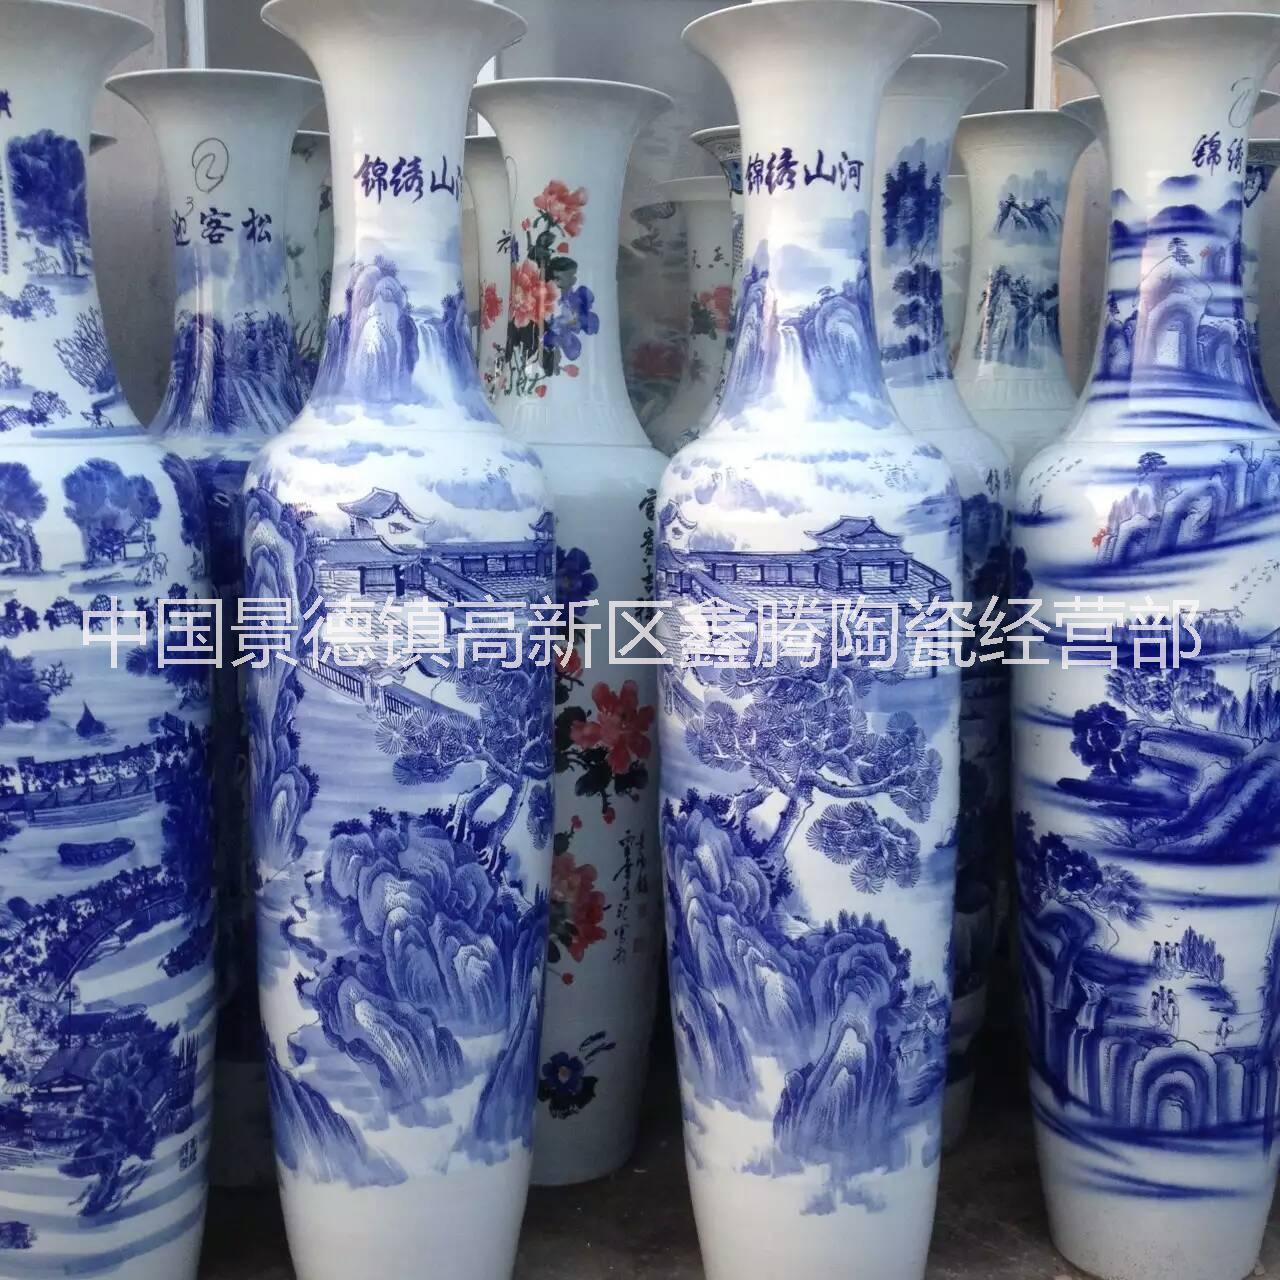 供应手工陶瓷大花瓶 景德镇花瓶厂家